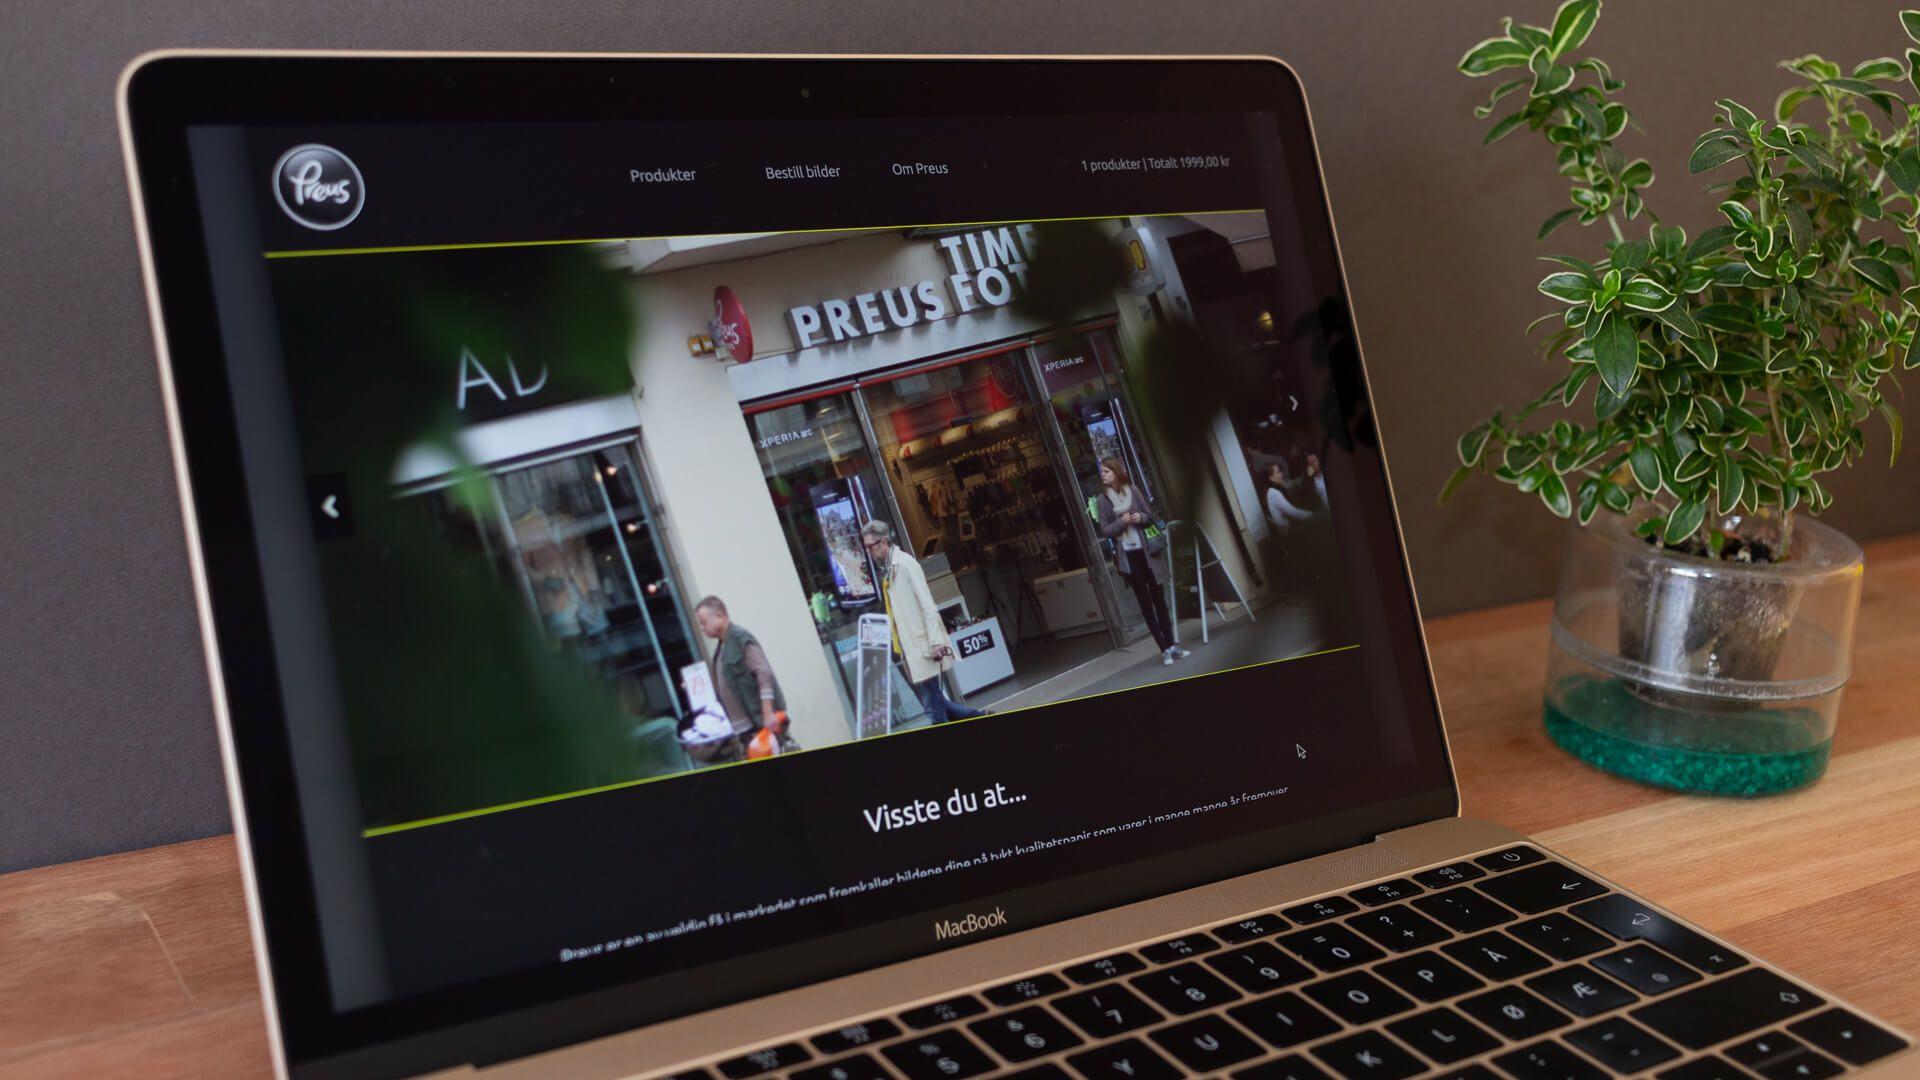 Cabeçalho da página inicial com apresentação de slides para campanhas e imagem de uma das vitrines.